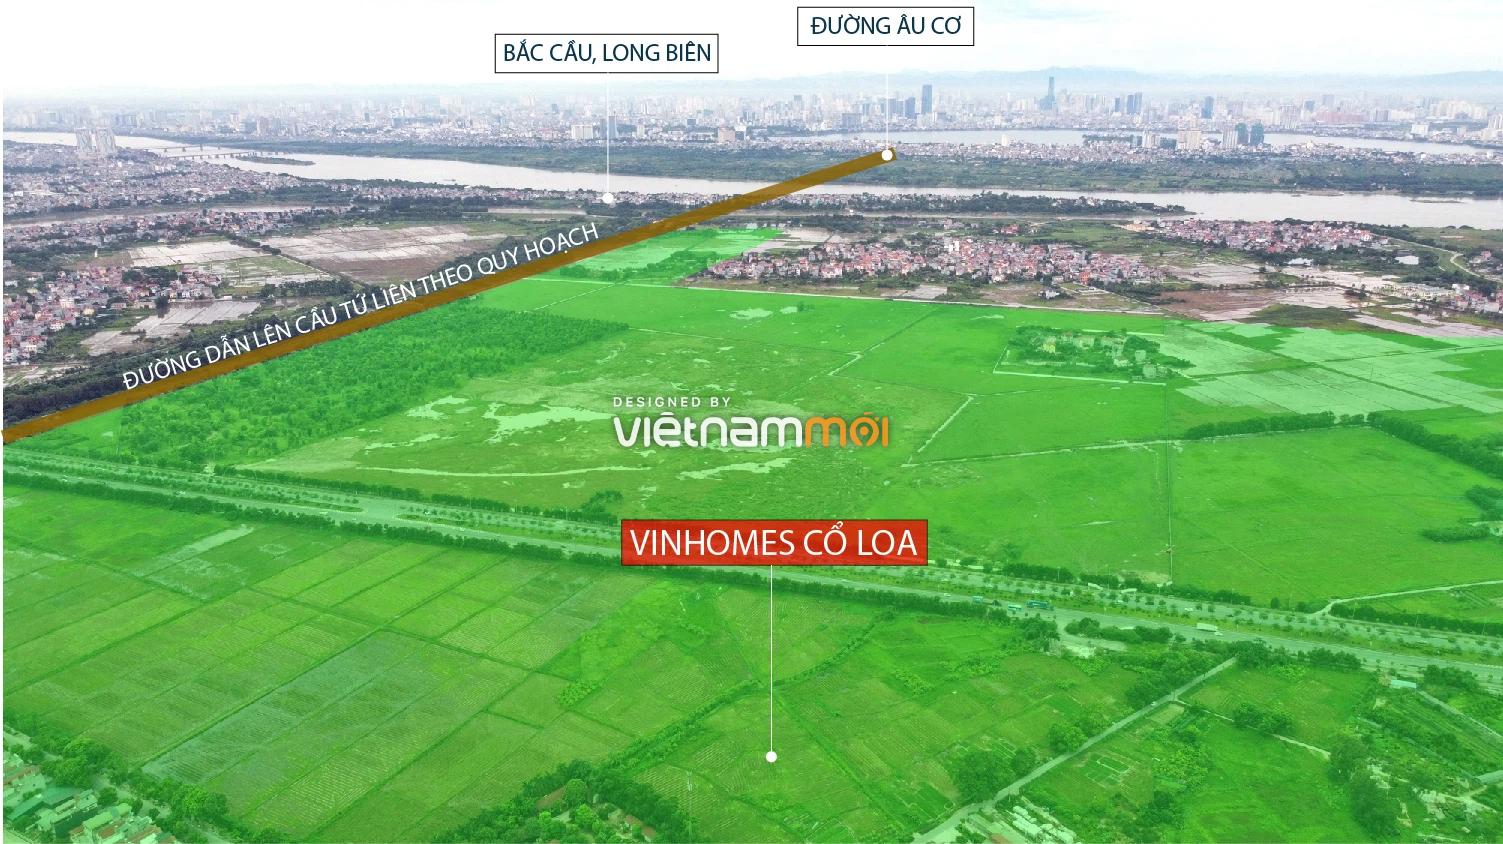 Toàn cảnh ba đại dự án Vinhomes Wonder Park, Vinhomes Cổ Loa và Vinhomes Dream City sắp ra mắt - Ảnh 14.